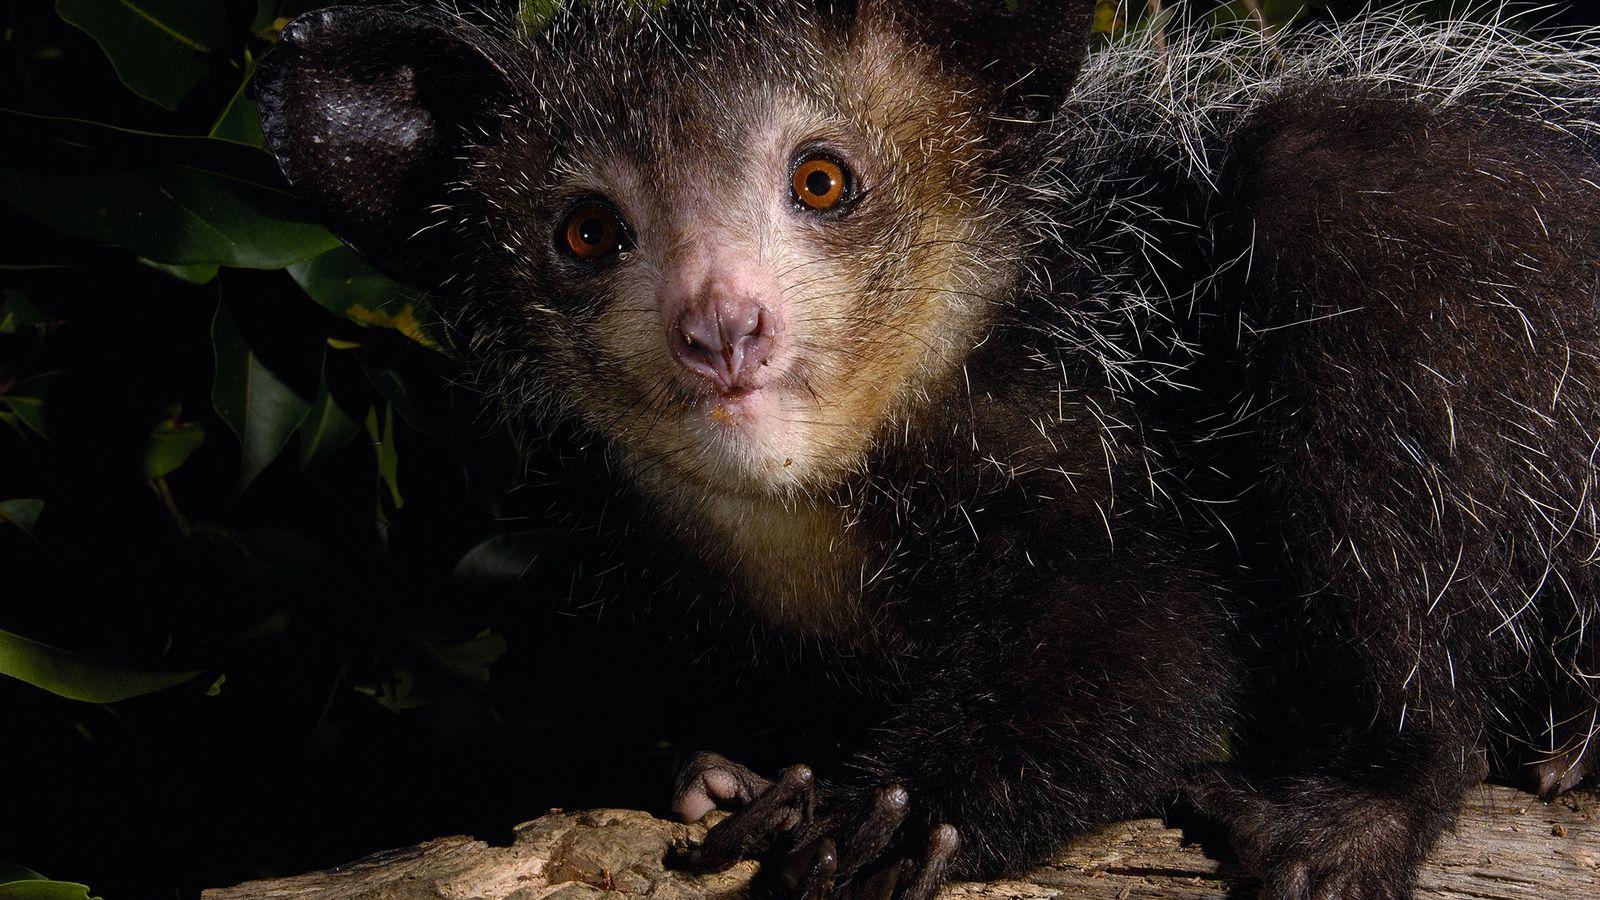 L'aye-aye est un condensé de caractéristiques singulières, il a de grandes oreilles, une queue hirsute, des ...